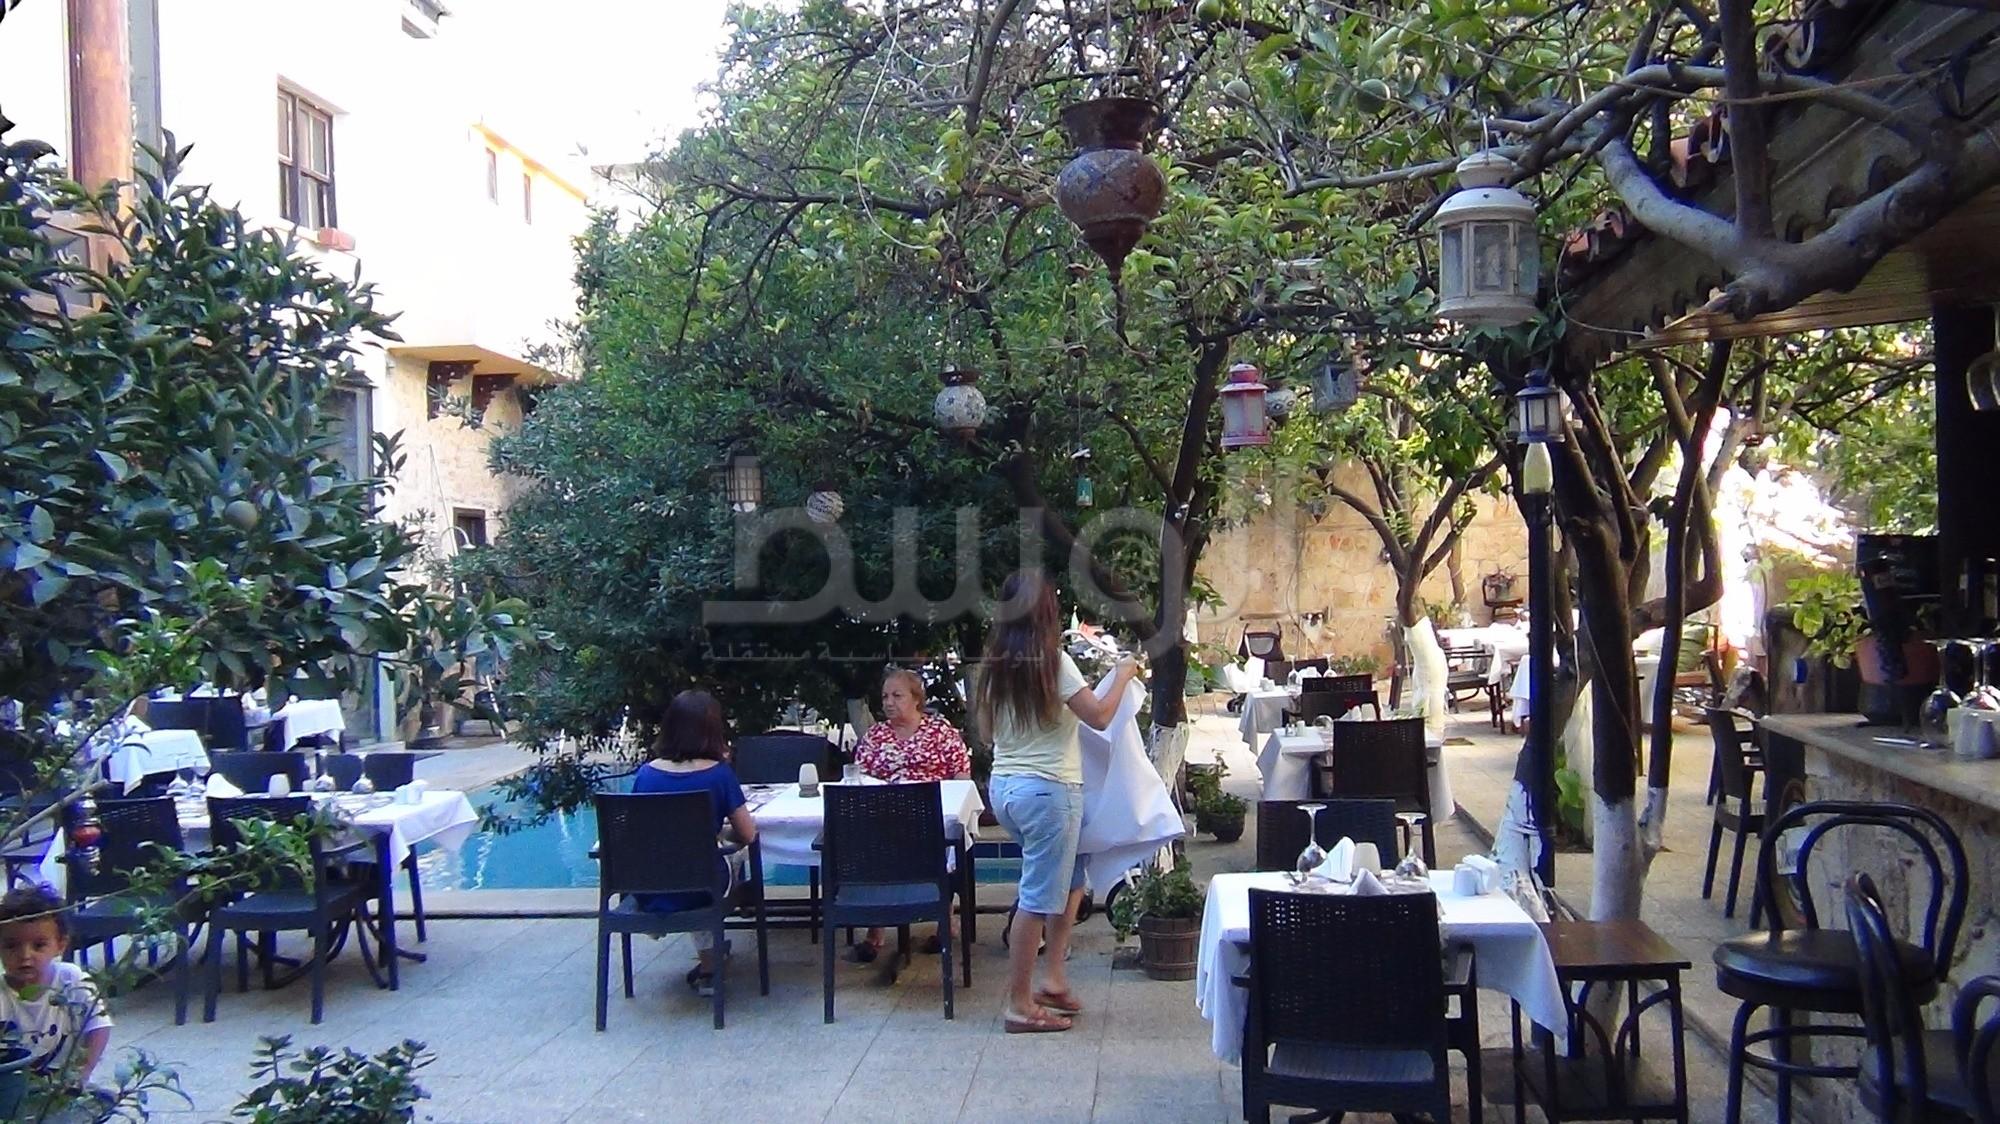 الفنادق والمطاعم بالحي القديم في انطاليا